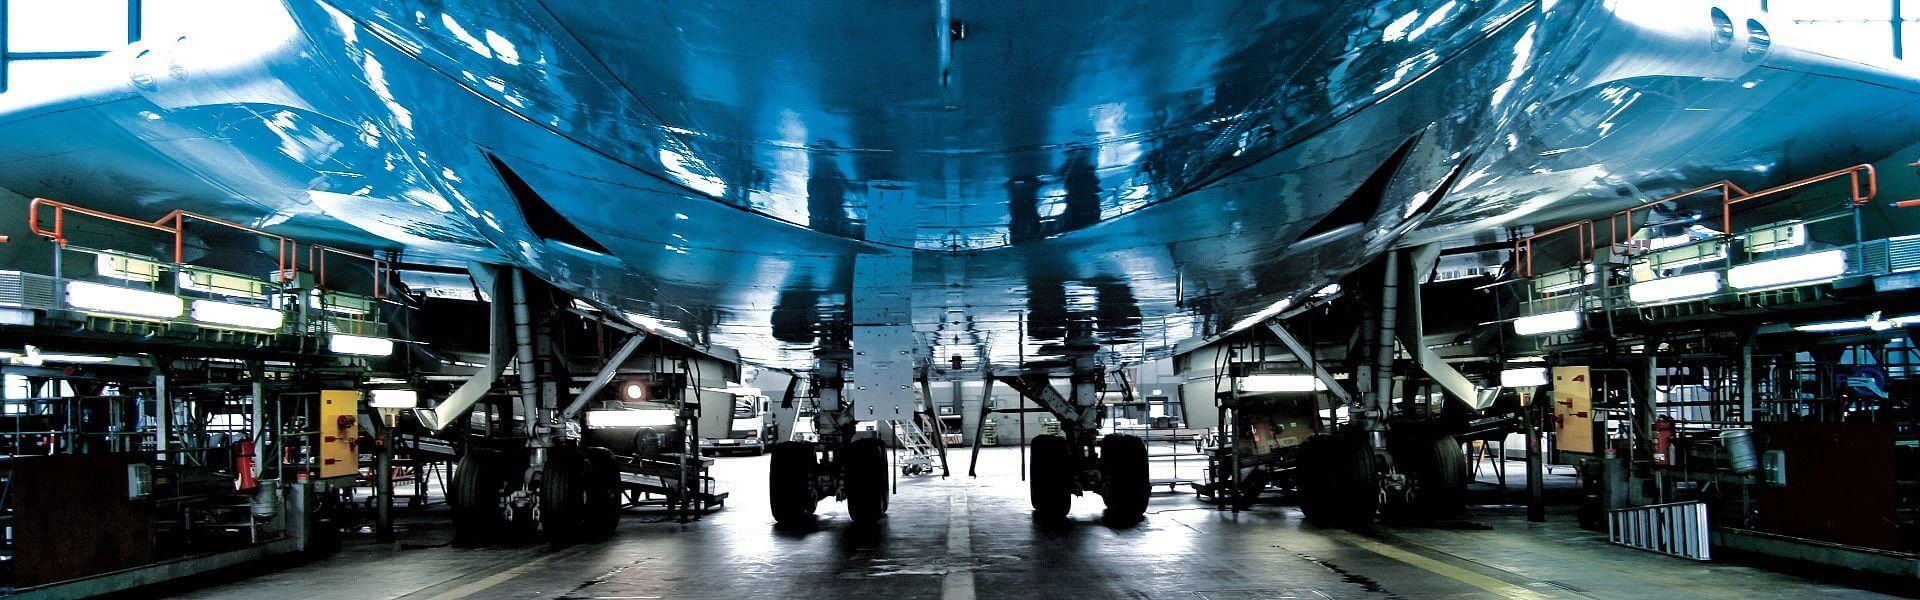 Flugzeug in der Werkstatt - Nahaufnahme